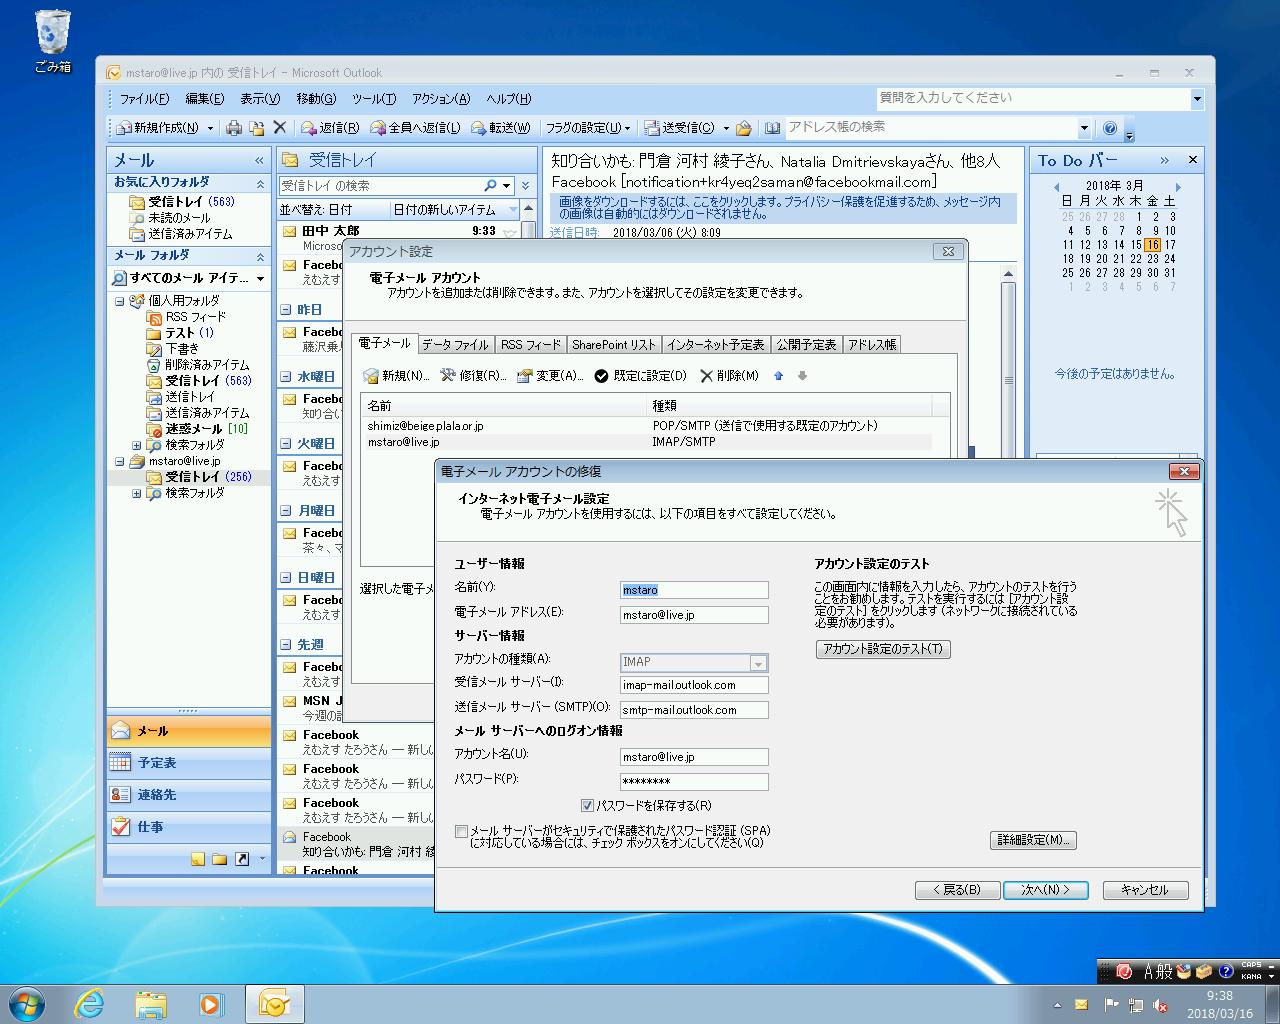 受信済みのメールはWindows 7上のメールソフトからOutlook.comに接続して移行するのが簡単